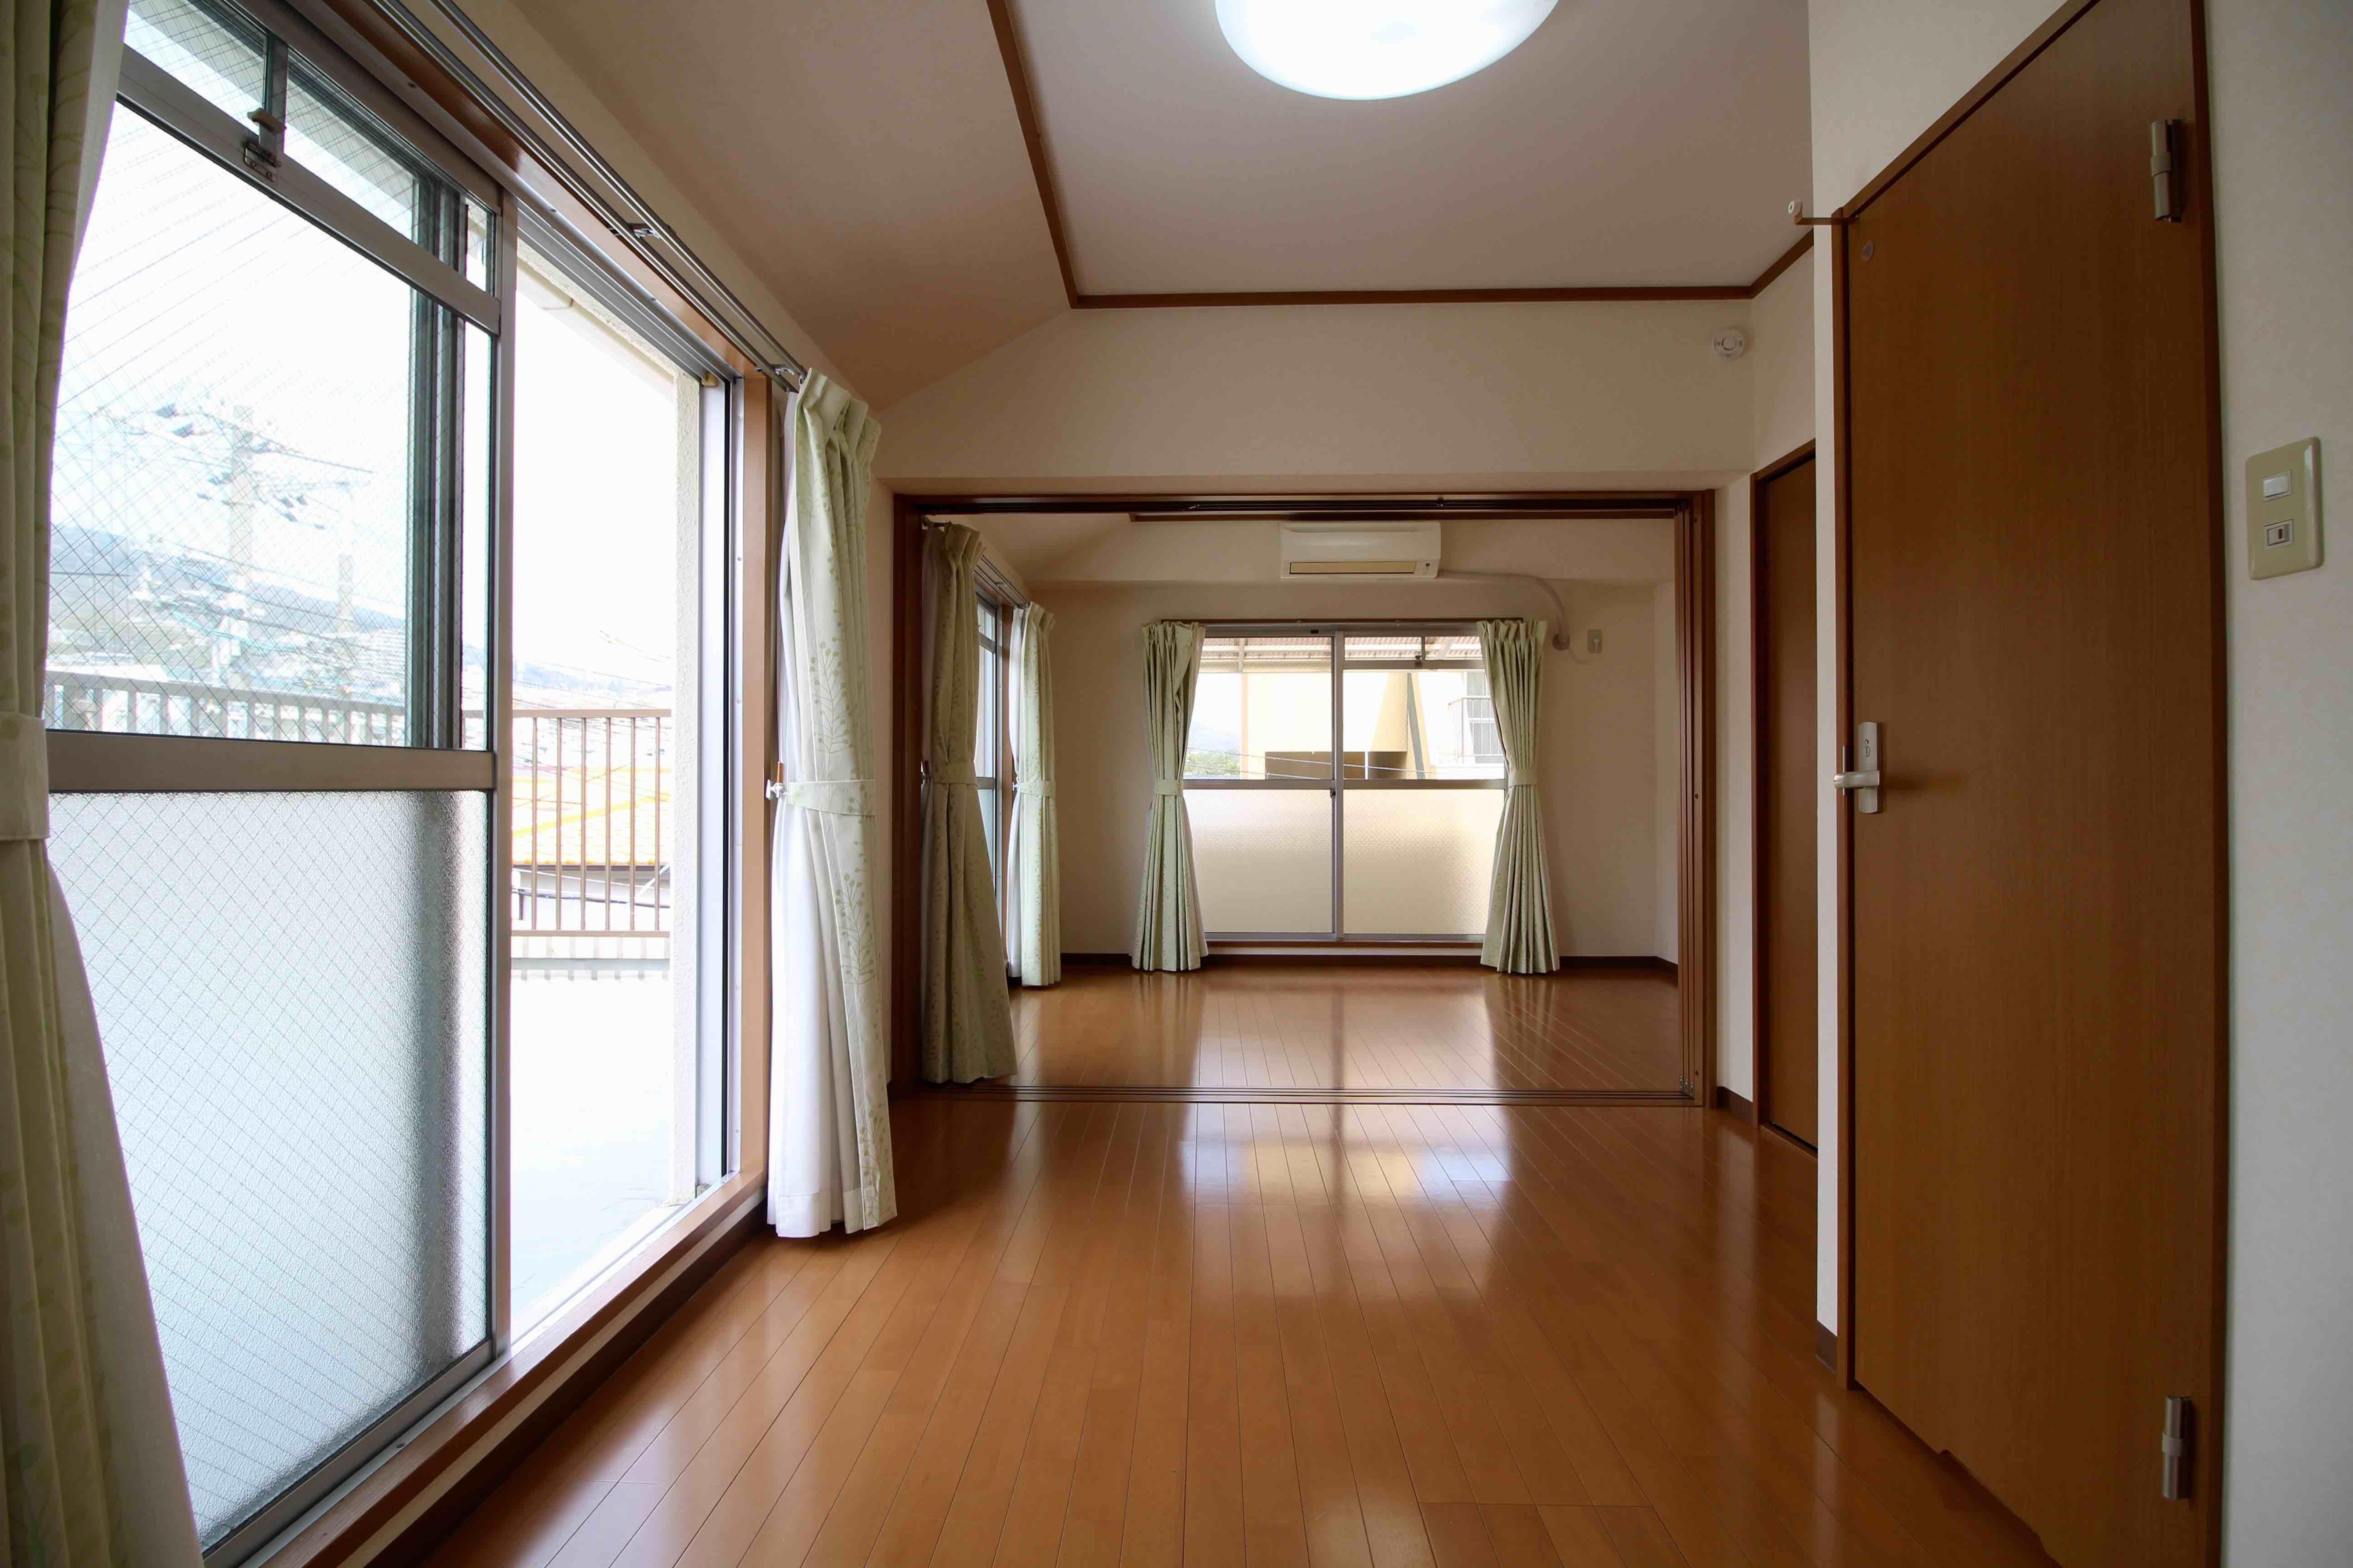 窓が多く明るい室内